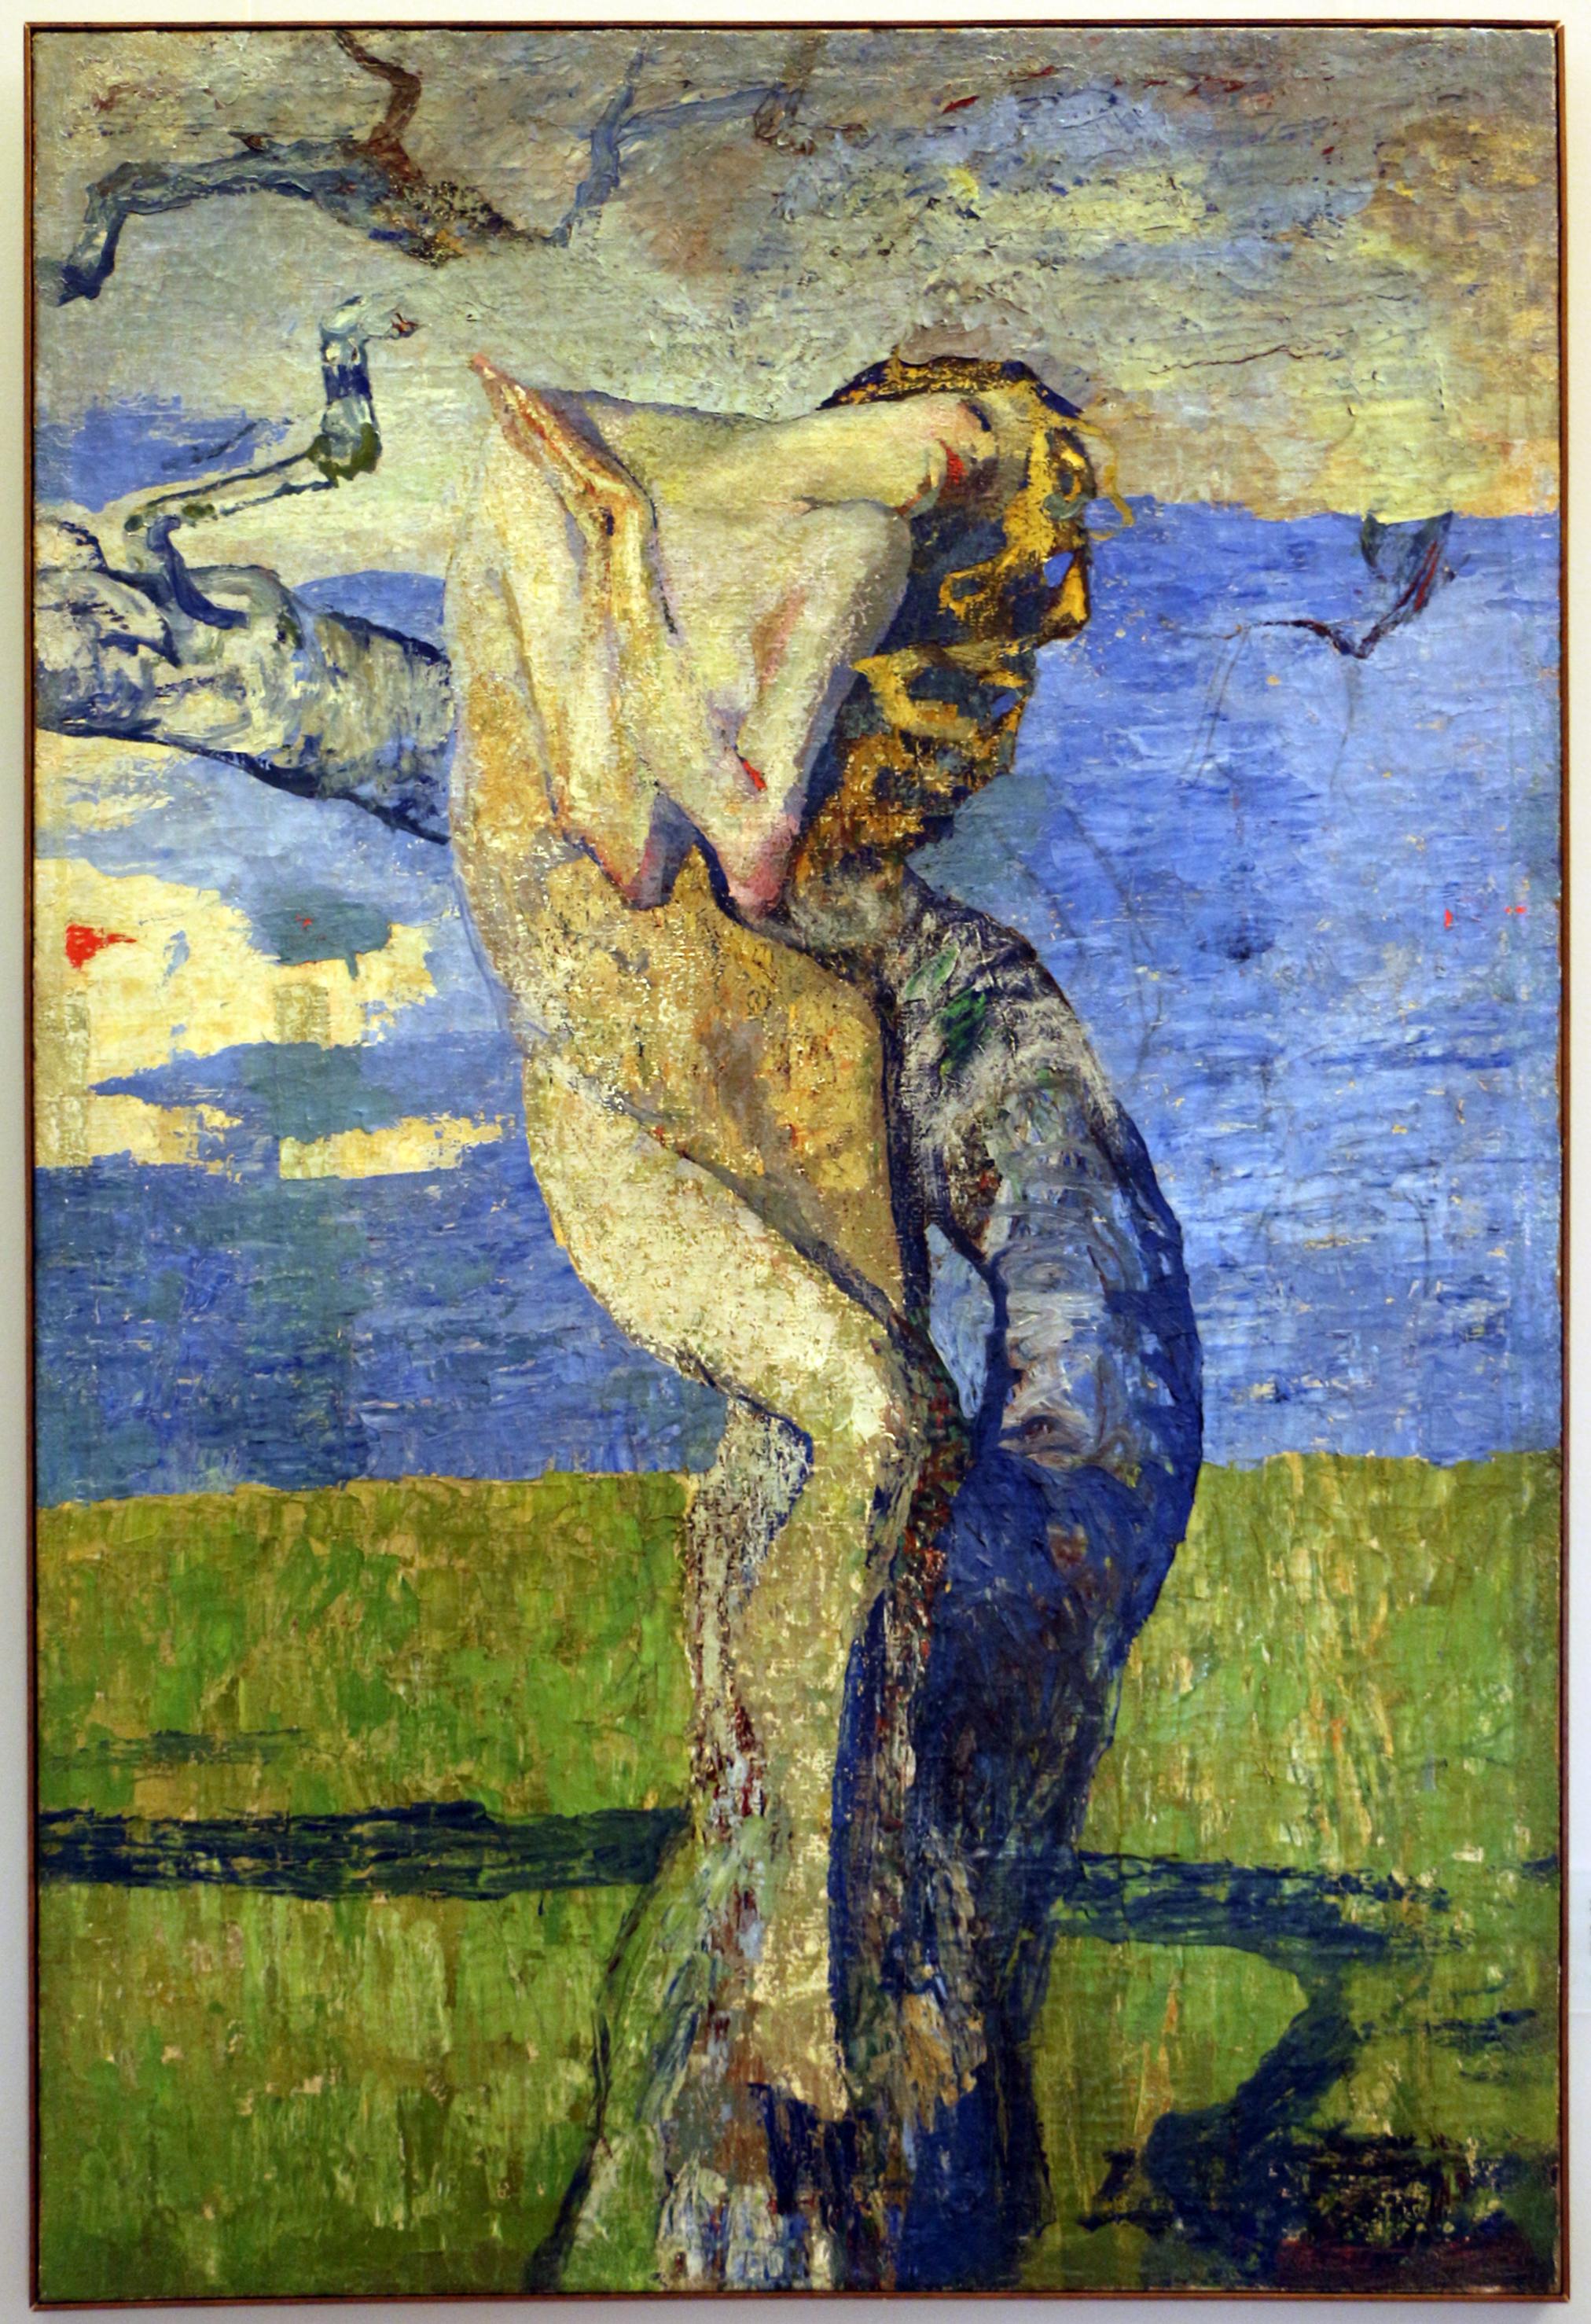 Current Contest >> File:Giuseppe amisani, nudo femminile, anni '20.jpg - Wikimedia Commons